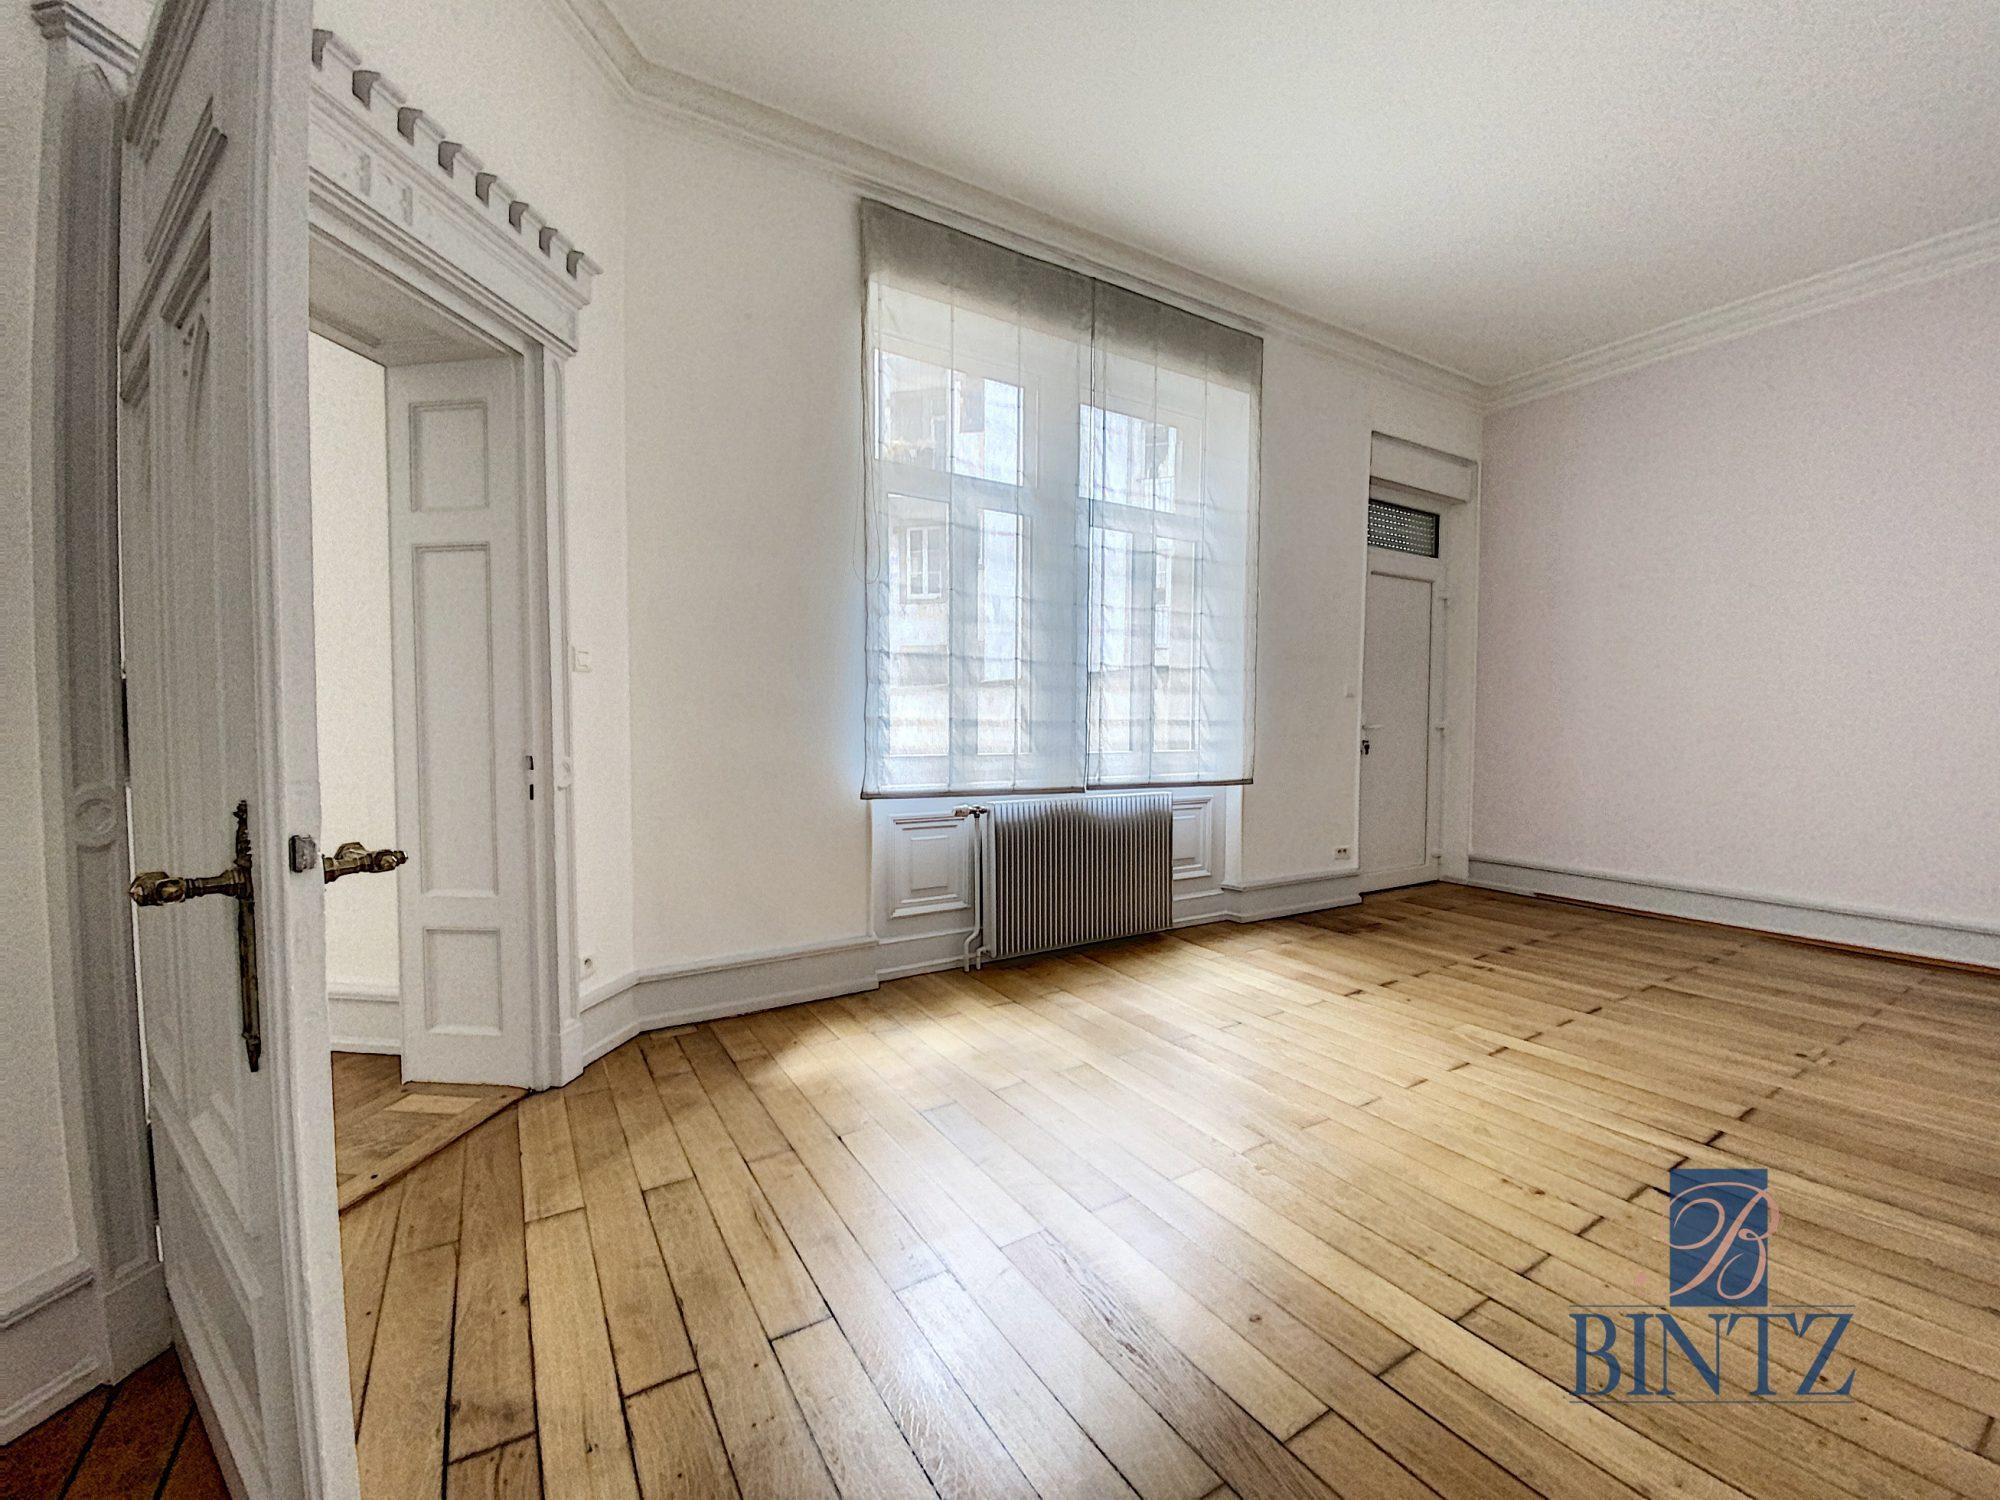 Magnifique 6 pièces de 164m2 Quartier Neustadt - Devenez propriétaire en toute confiance - Bintz Immobilier - 12